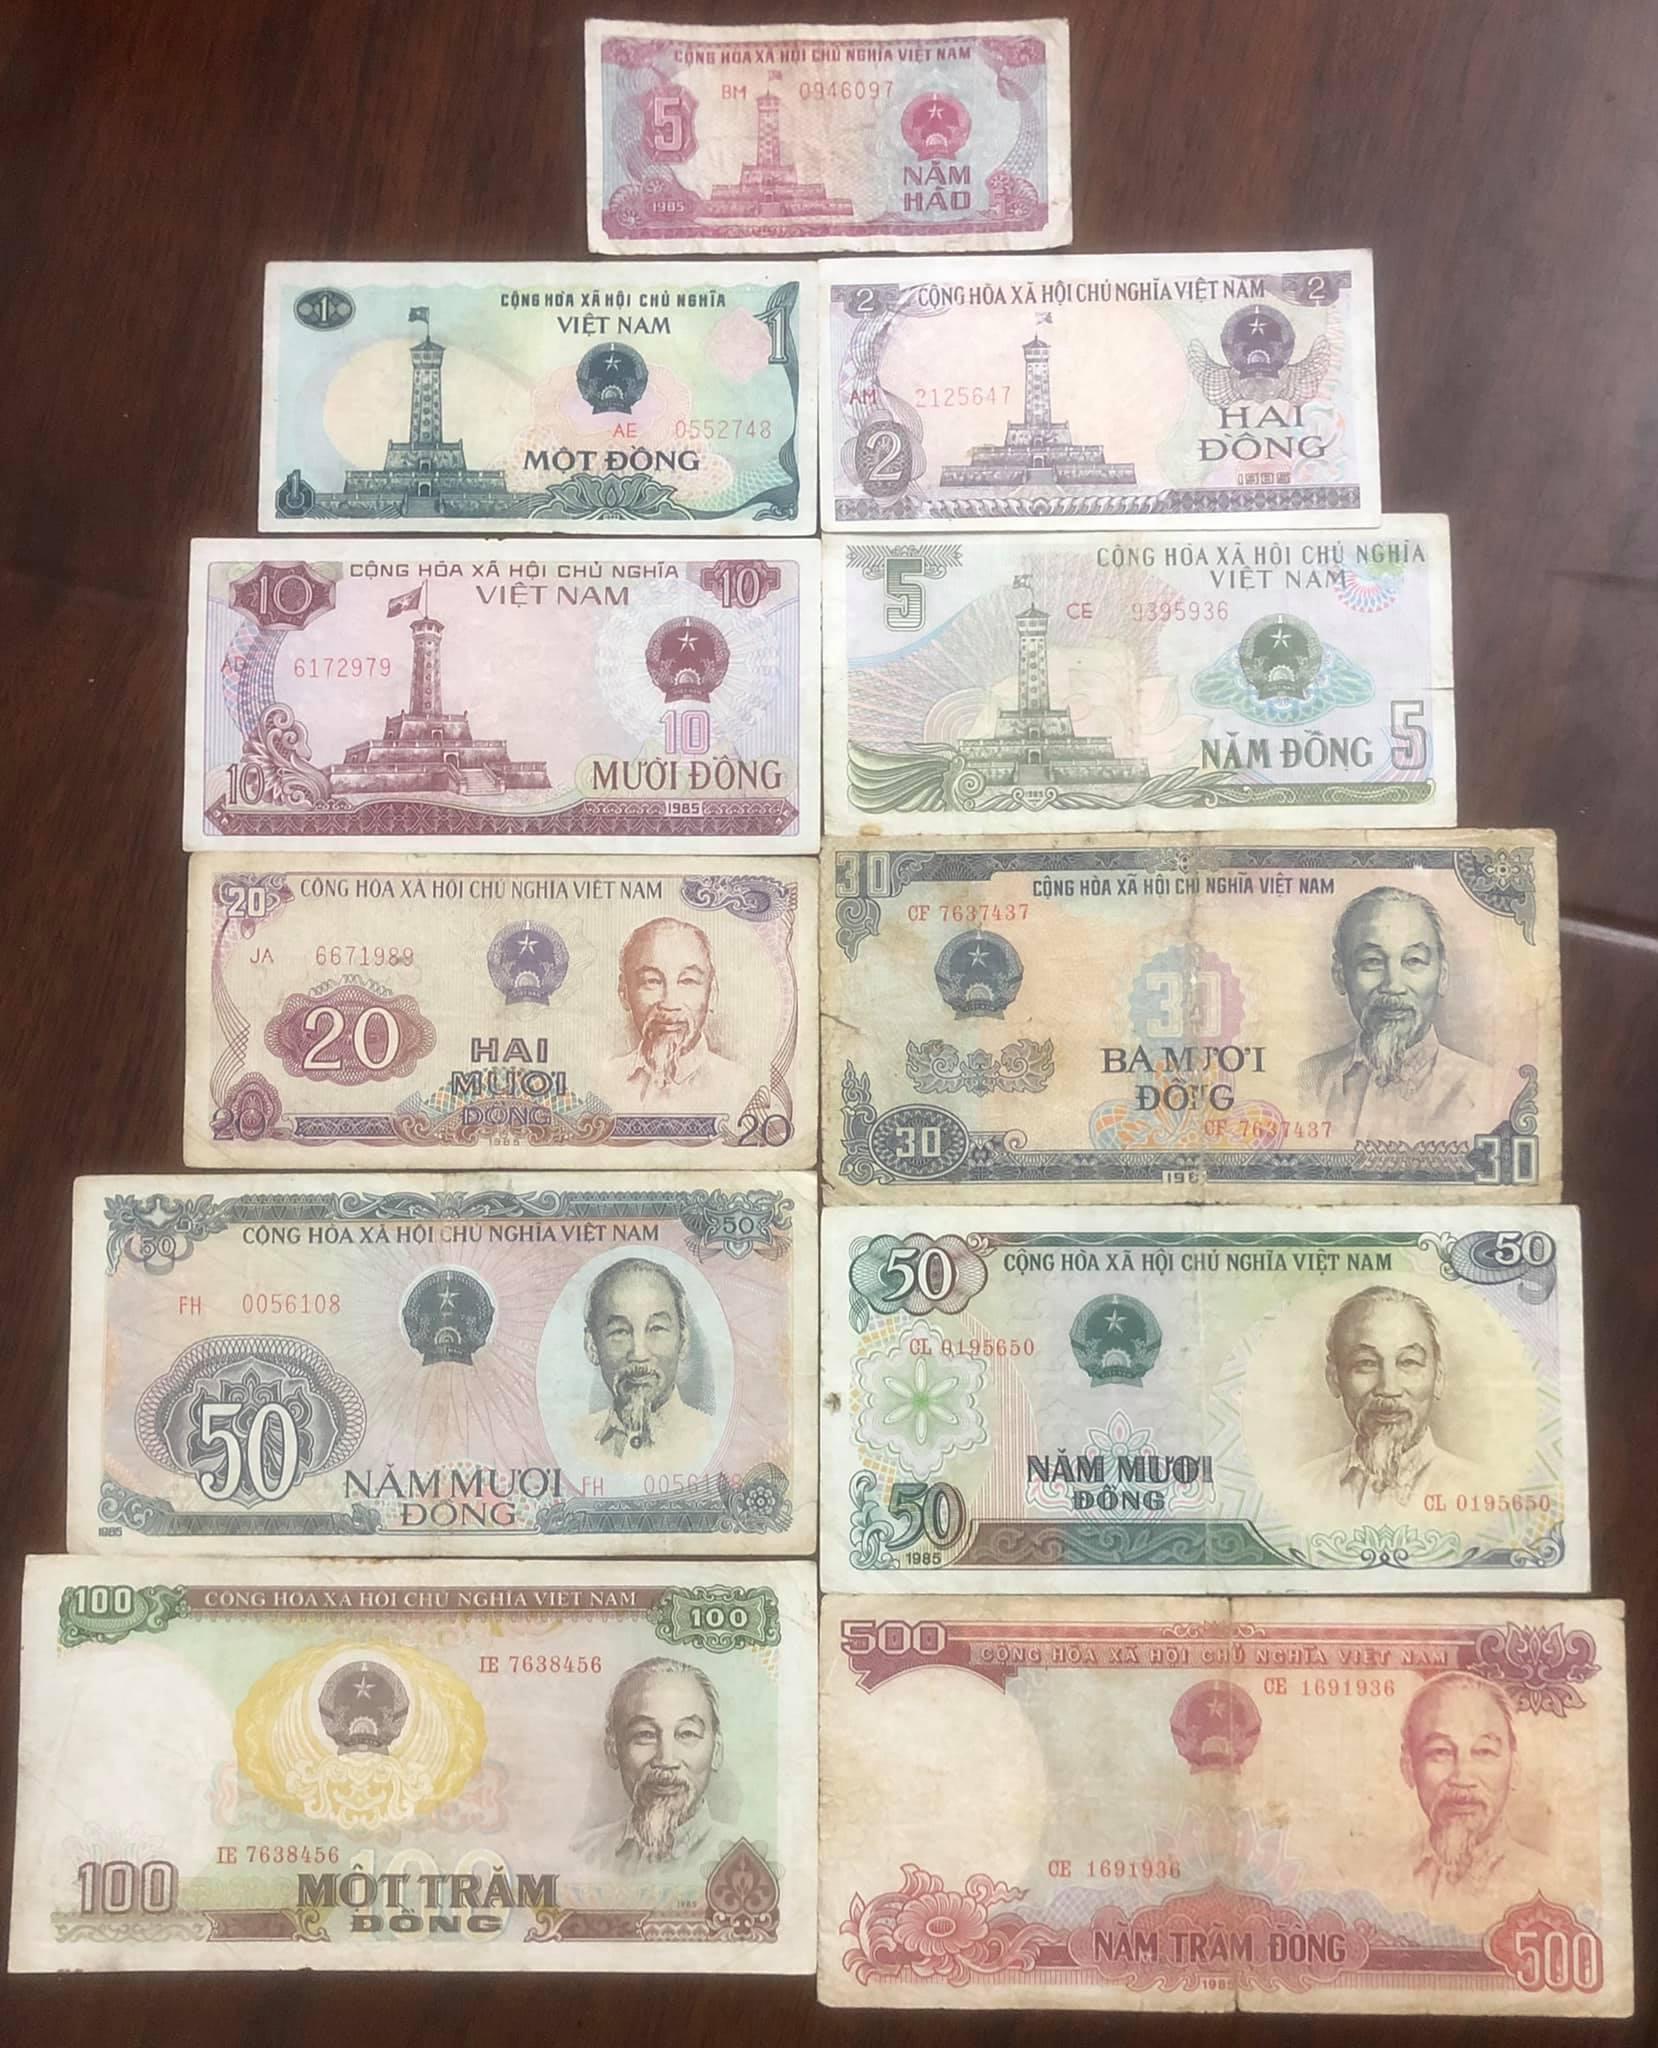 Bộ tiền xưa bao cấp 1985 đầy đủ 11 tờ sưu tầm